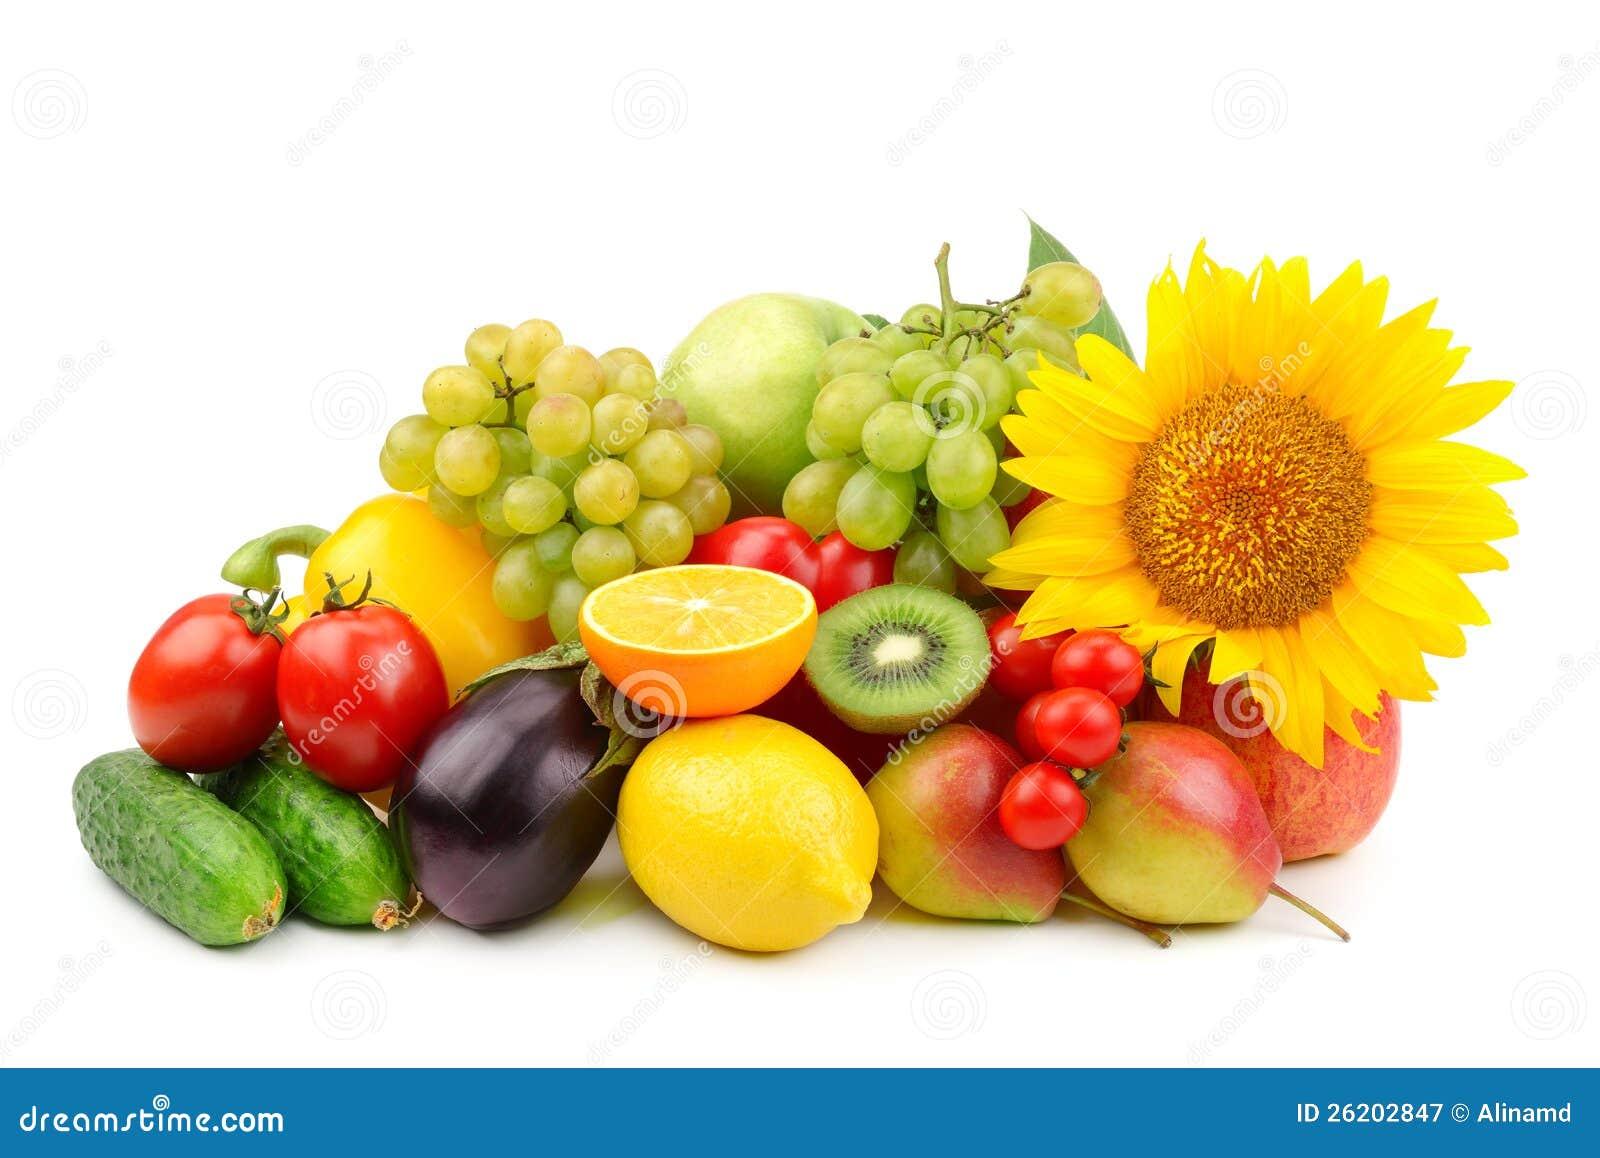 Composition des fruits et l gumes photographie stock libre de droits image 26202847 - Composition florale avec fruits legumes ...